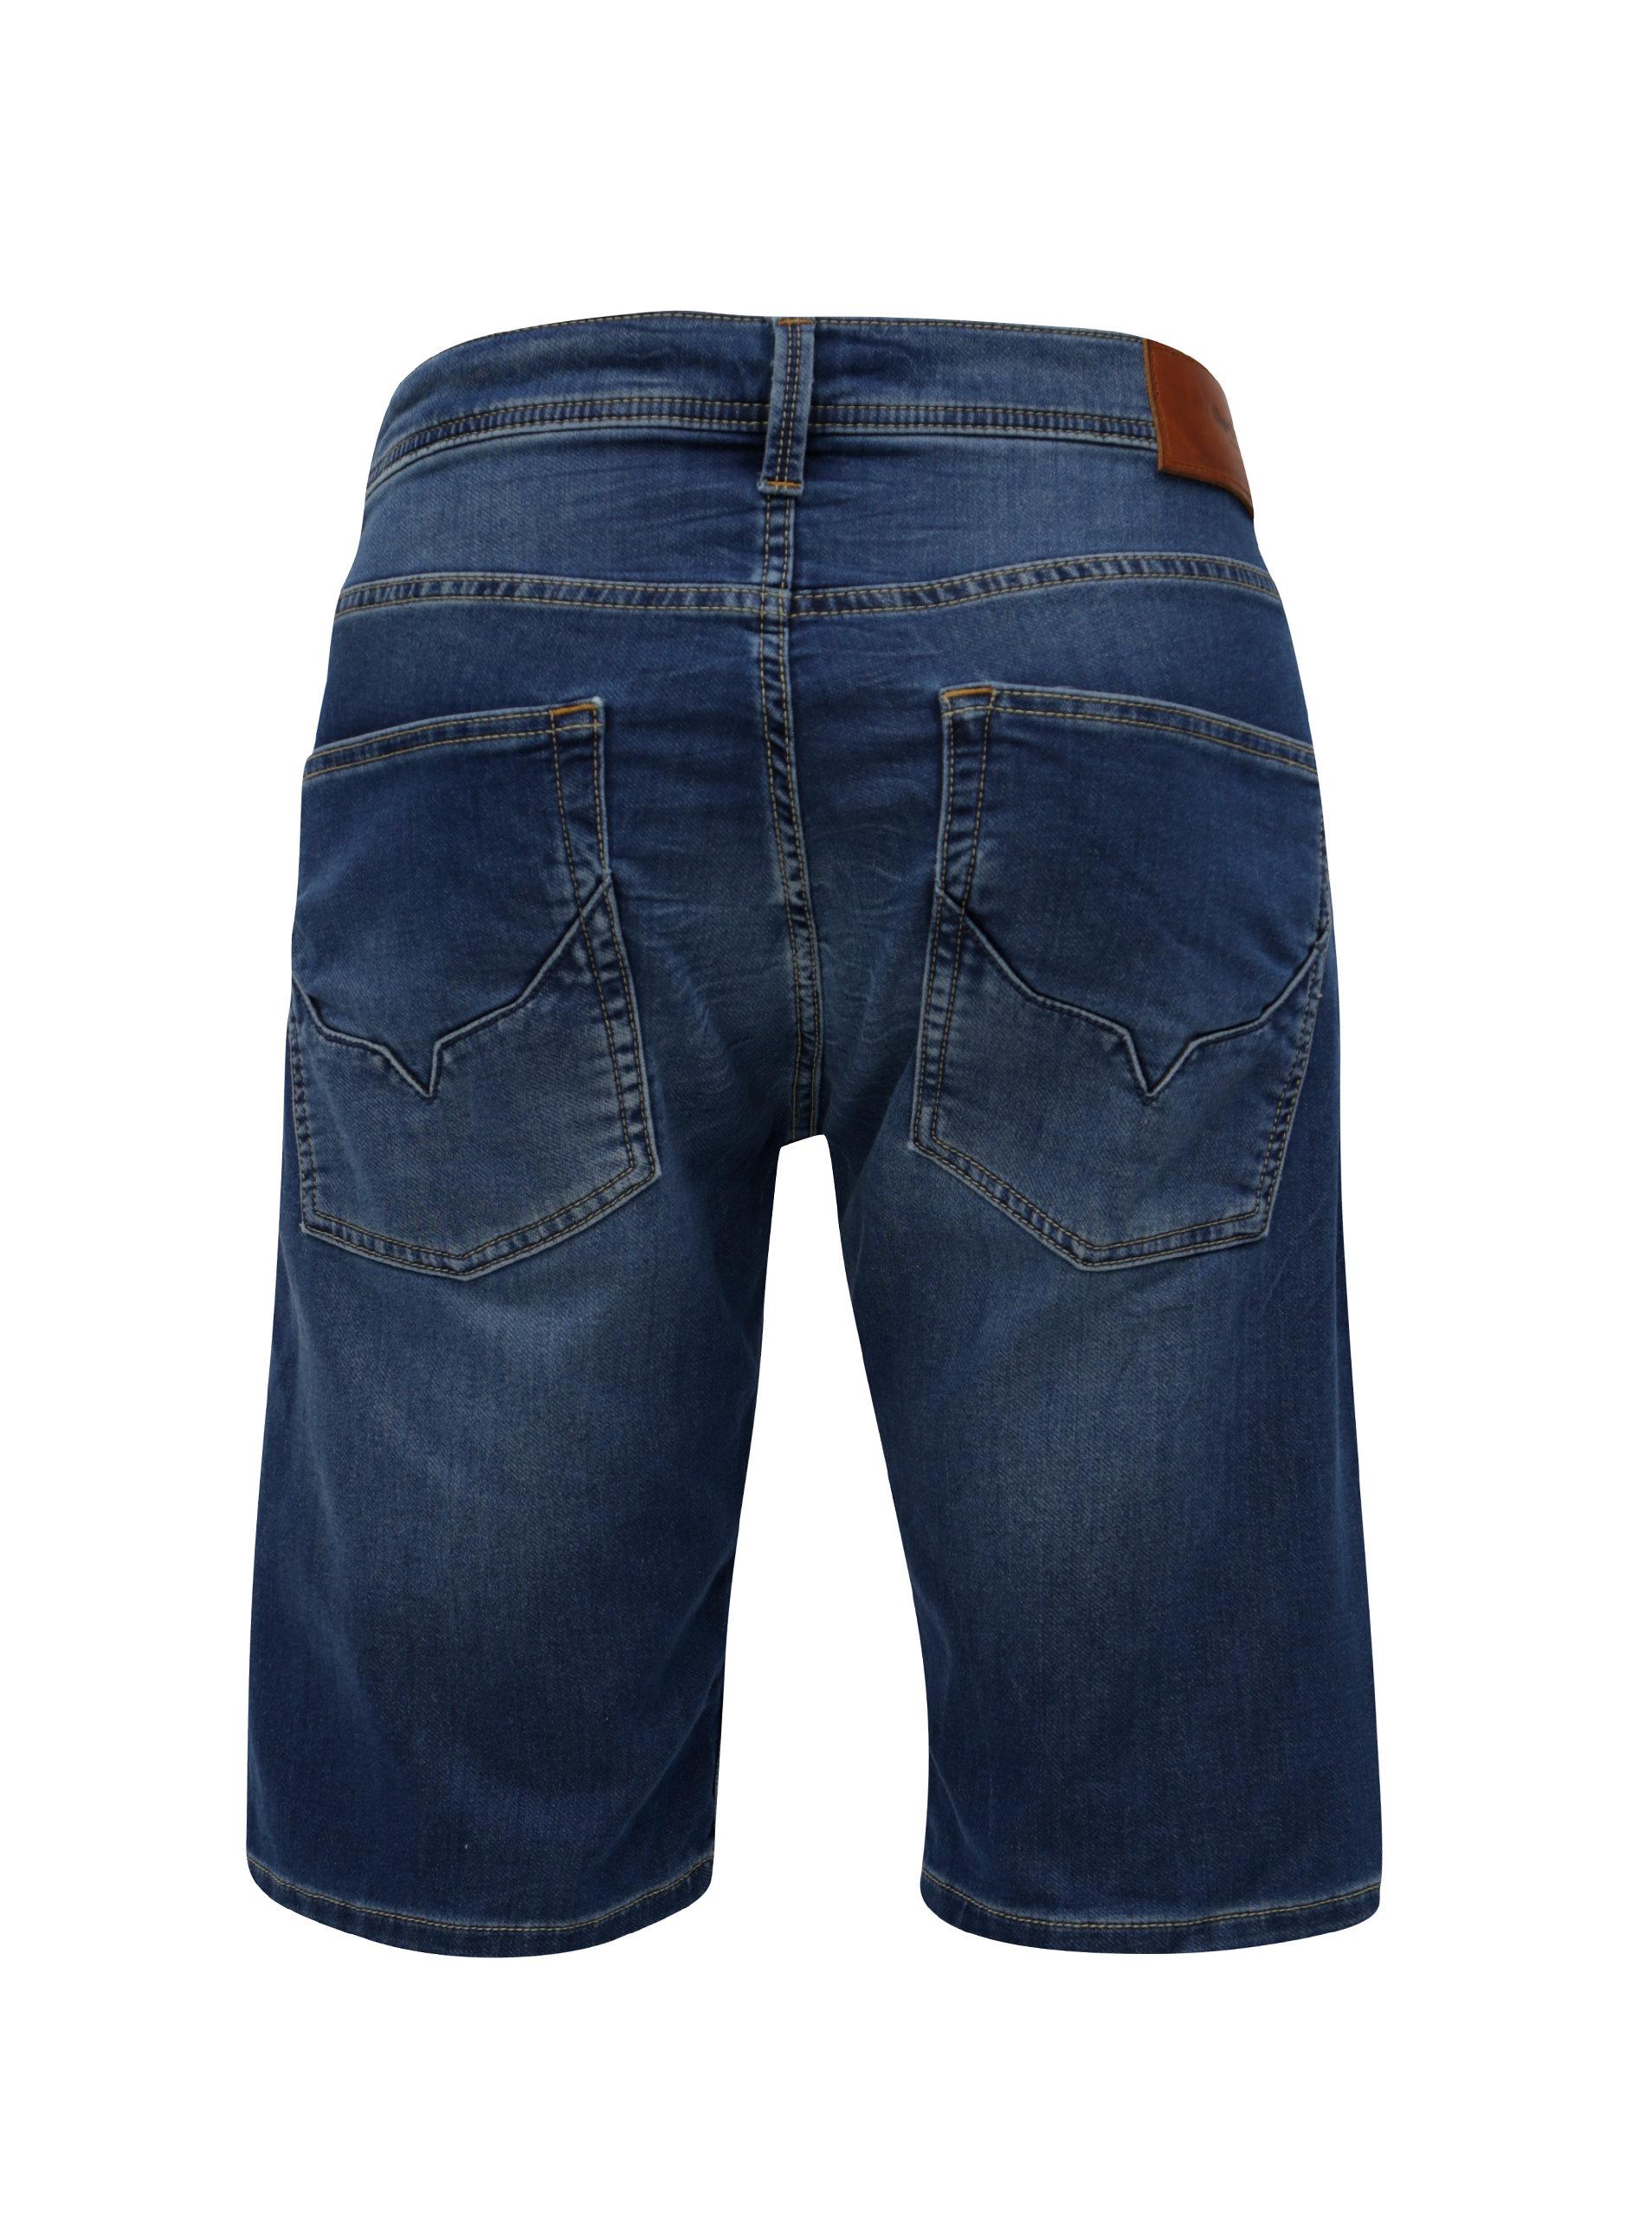 Modré pánské džínové regular kraťasy Pepe Jeans Track short ... 4a1ac20d8e